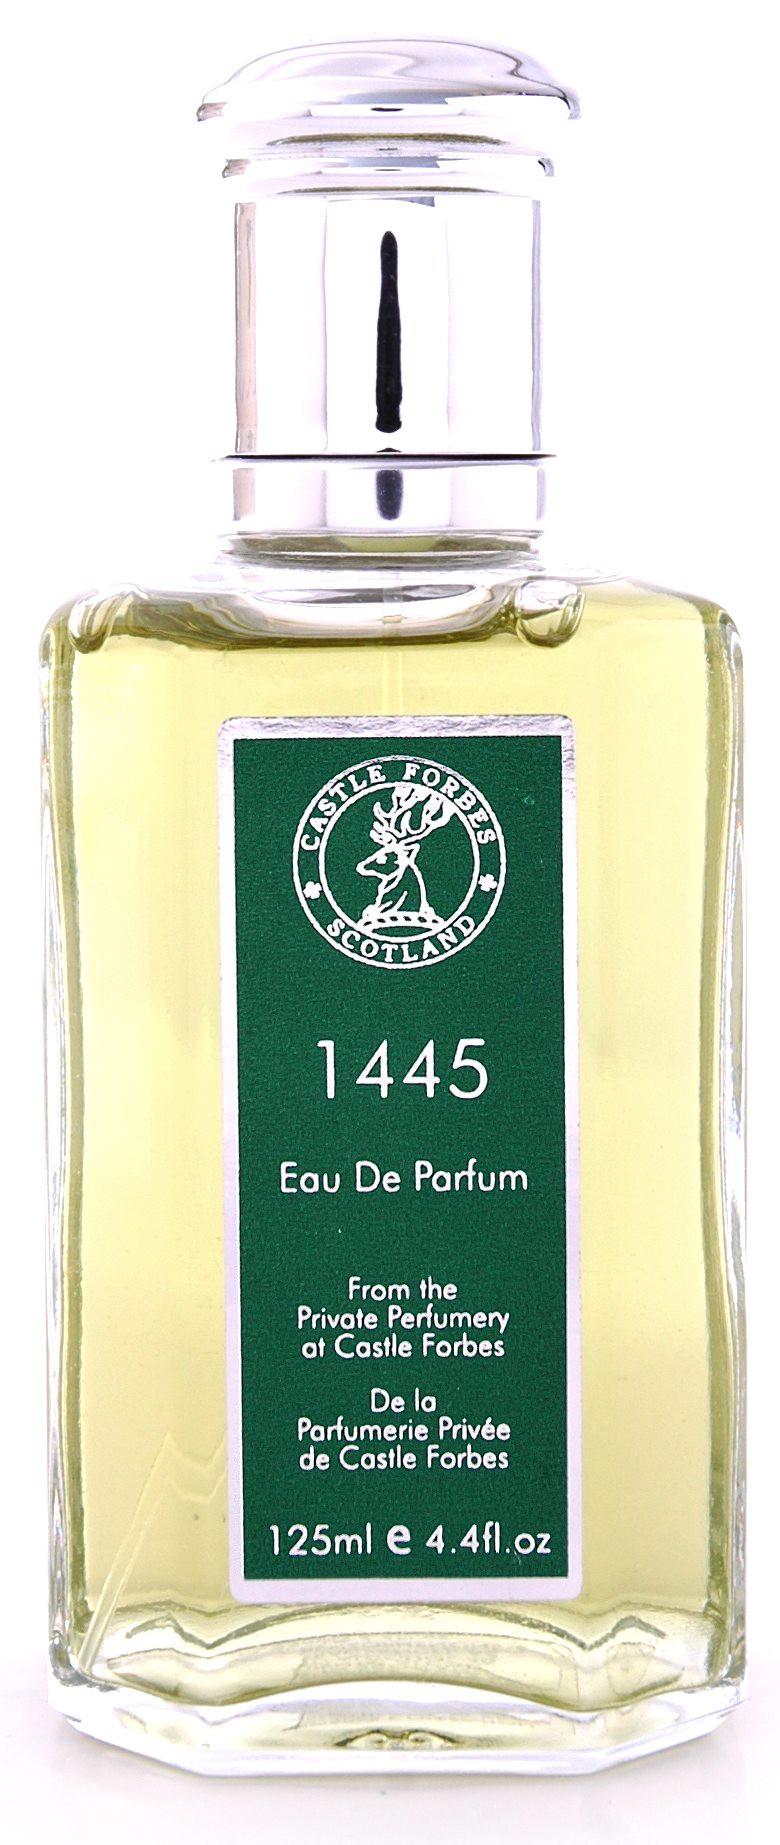 Castle Forbes 1445 аромат для мужчин